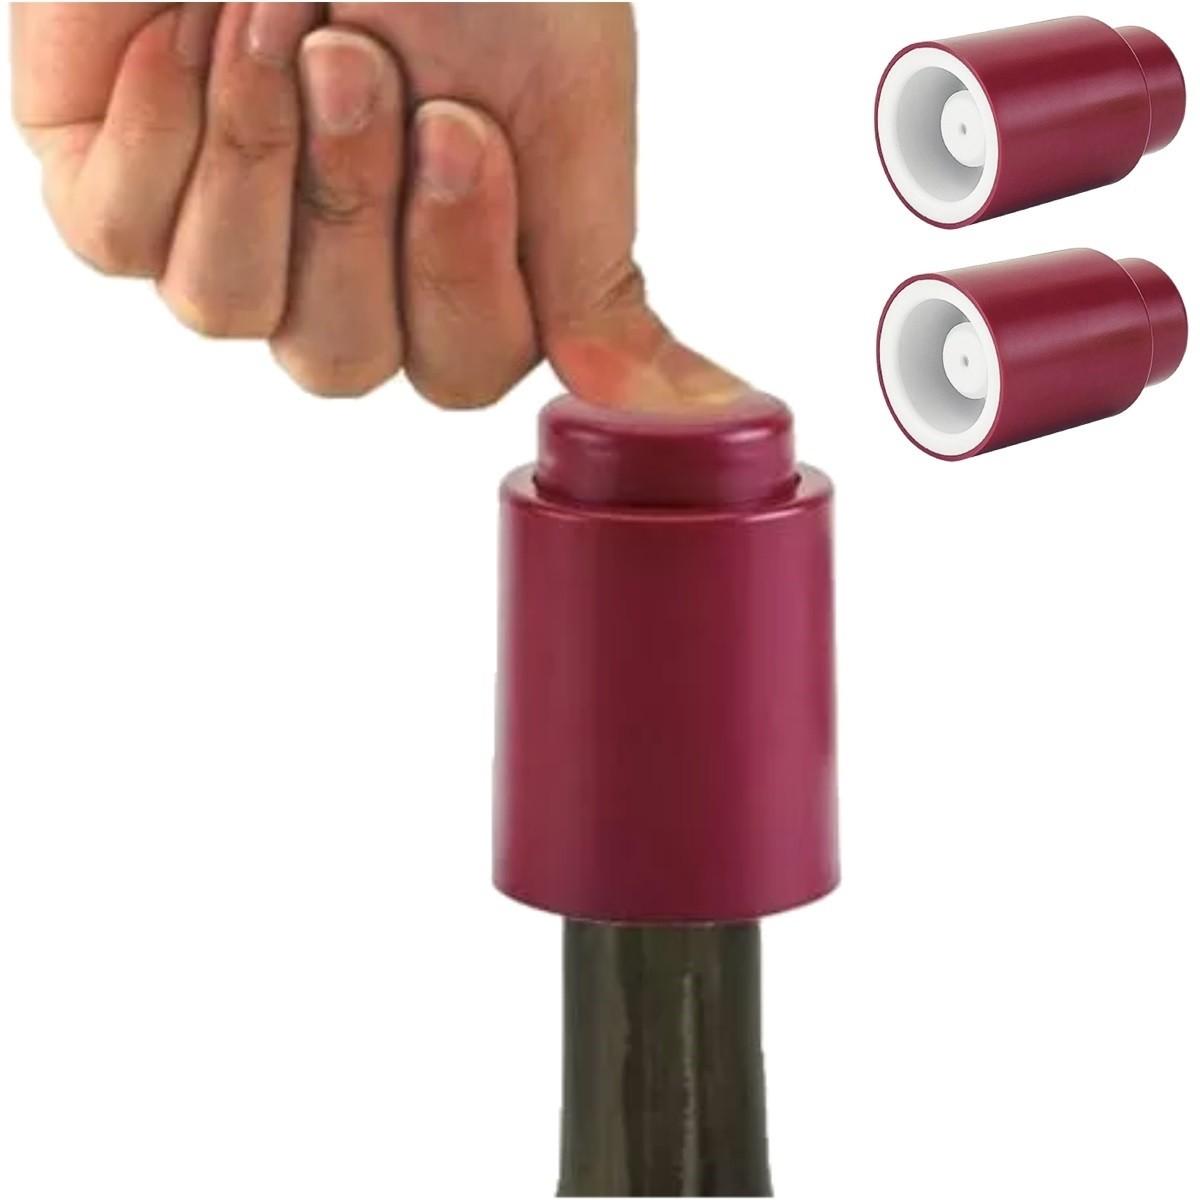 Tampa Garrafa de Vinho a Vacuo Pressão Rolha 03 unidades